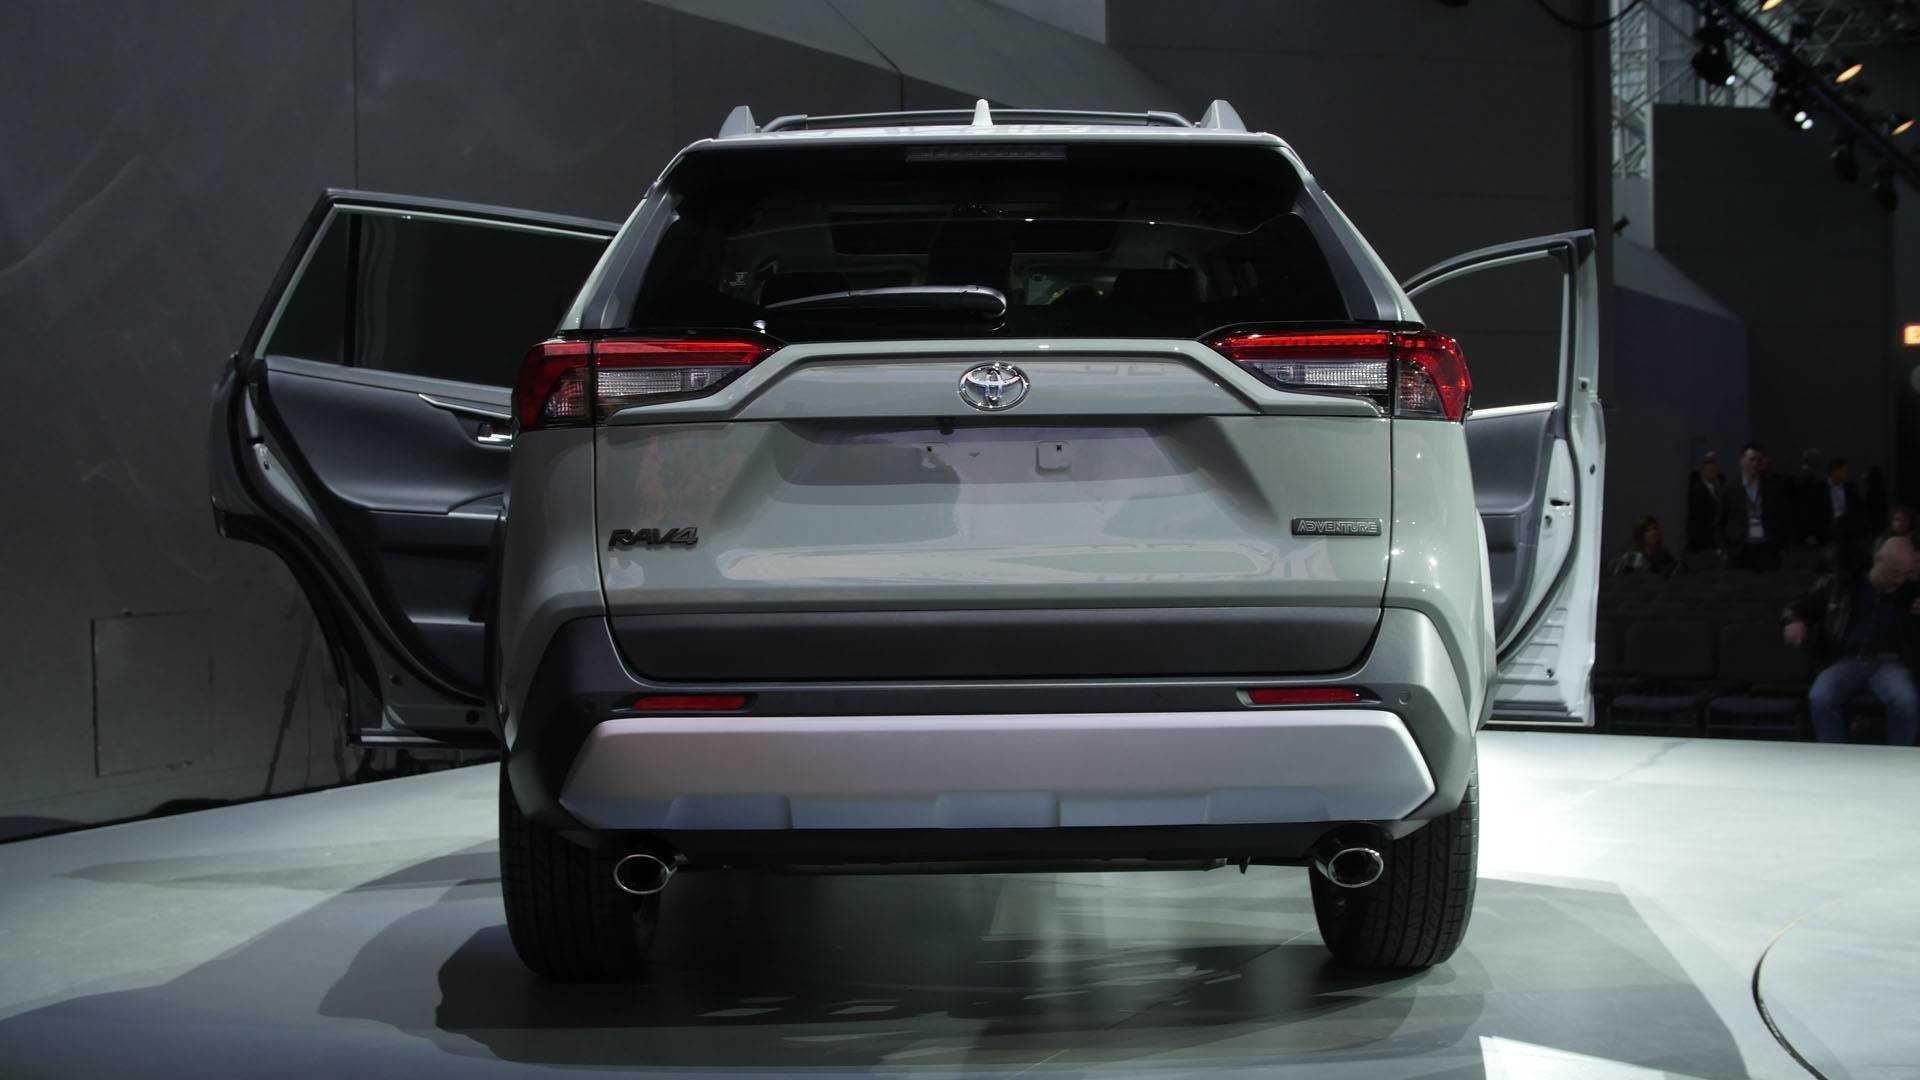 Toyota rav4 поколения 5, хэтчбек в россии